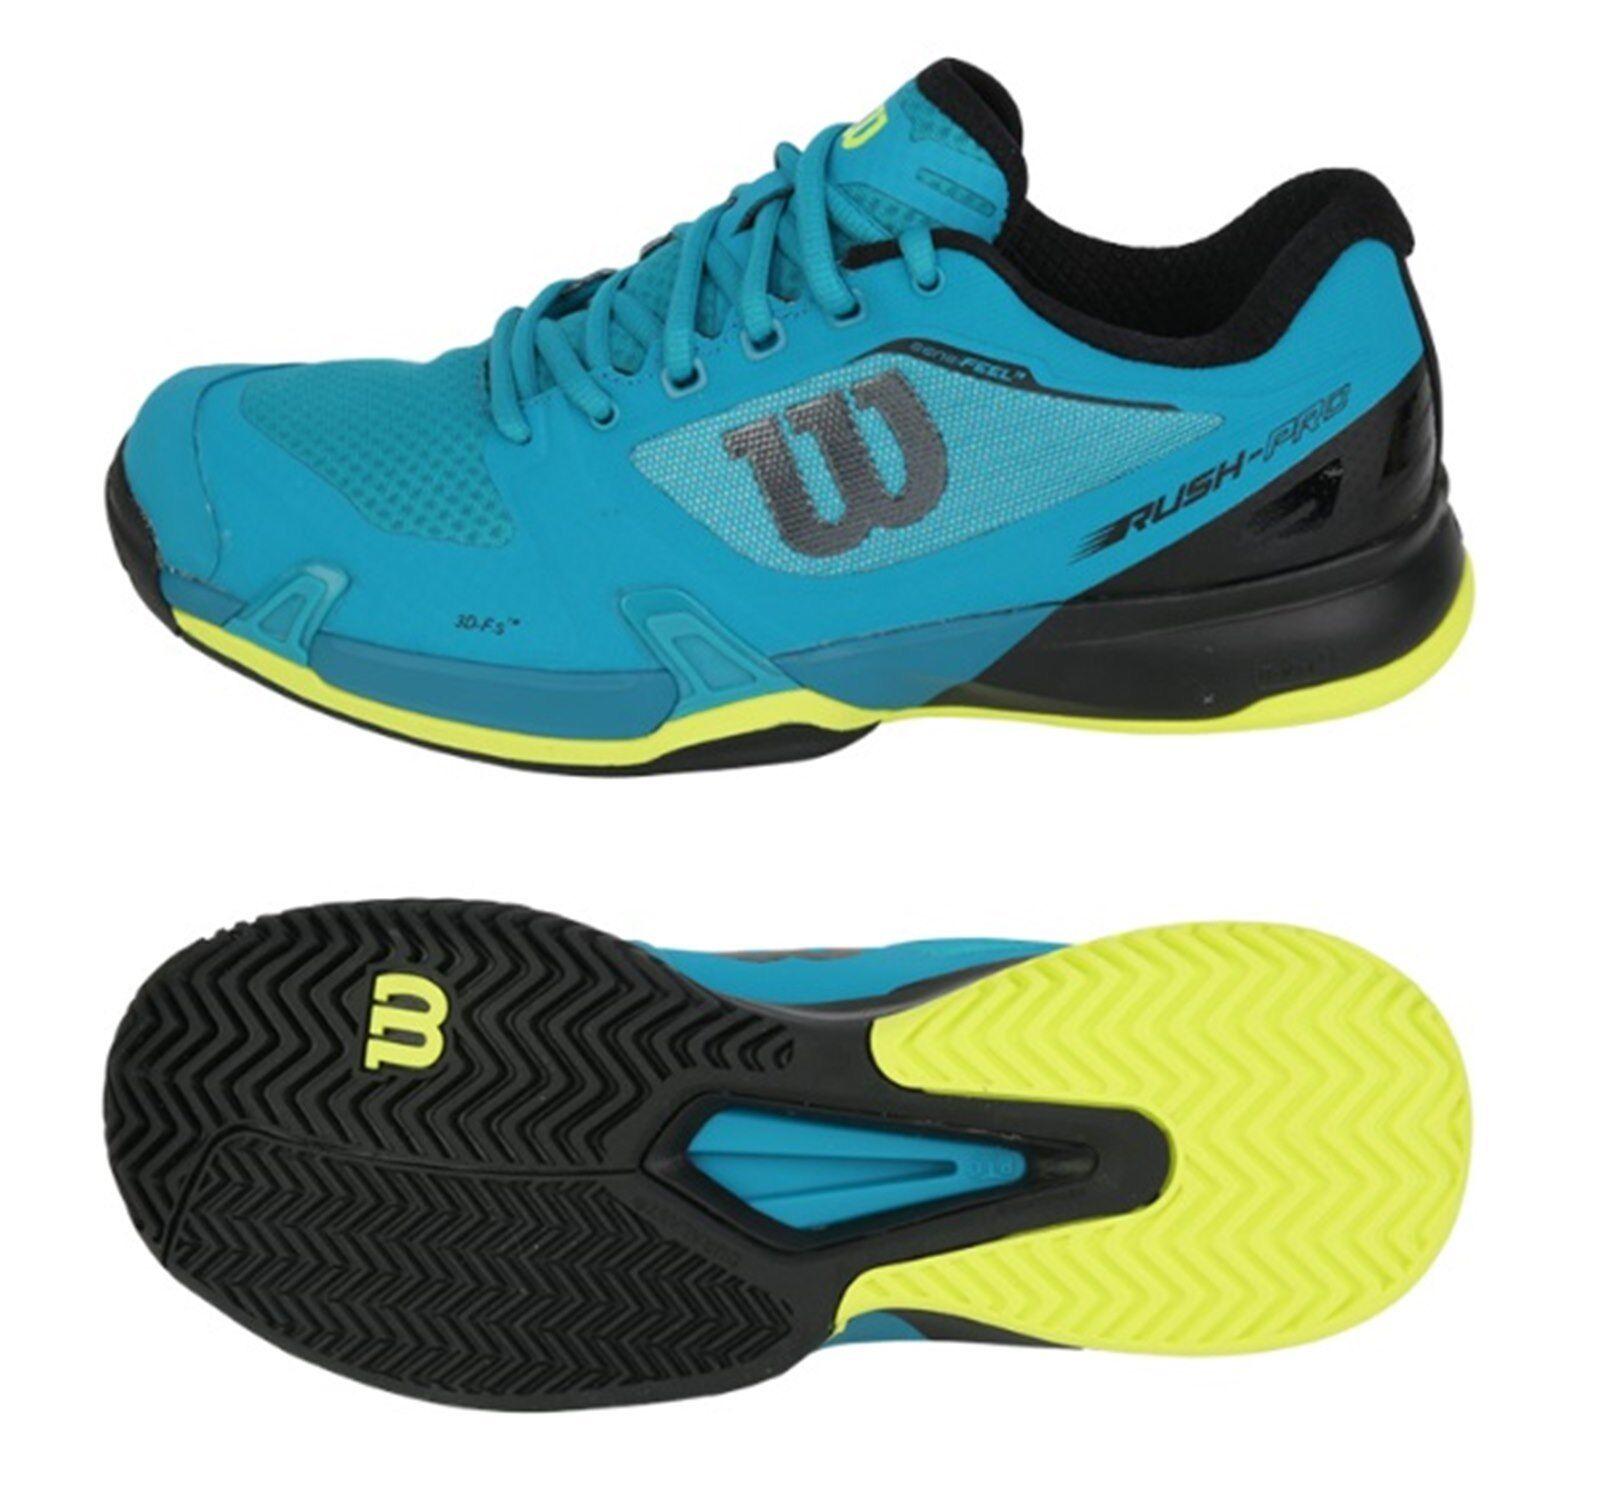 Wilson Rush Pro 2.5 De Hombre Zapatos tenis De Correr Azul Raqueta De Tenis Zapato WRS323300